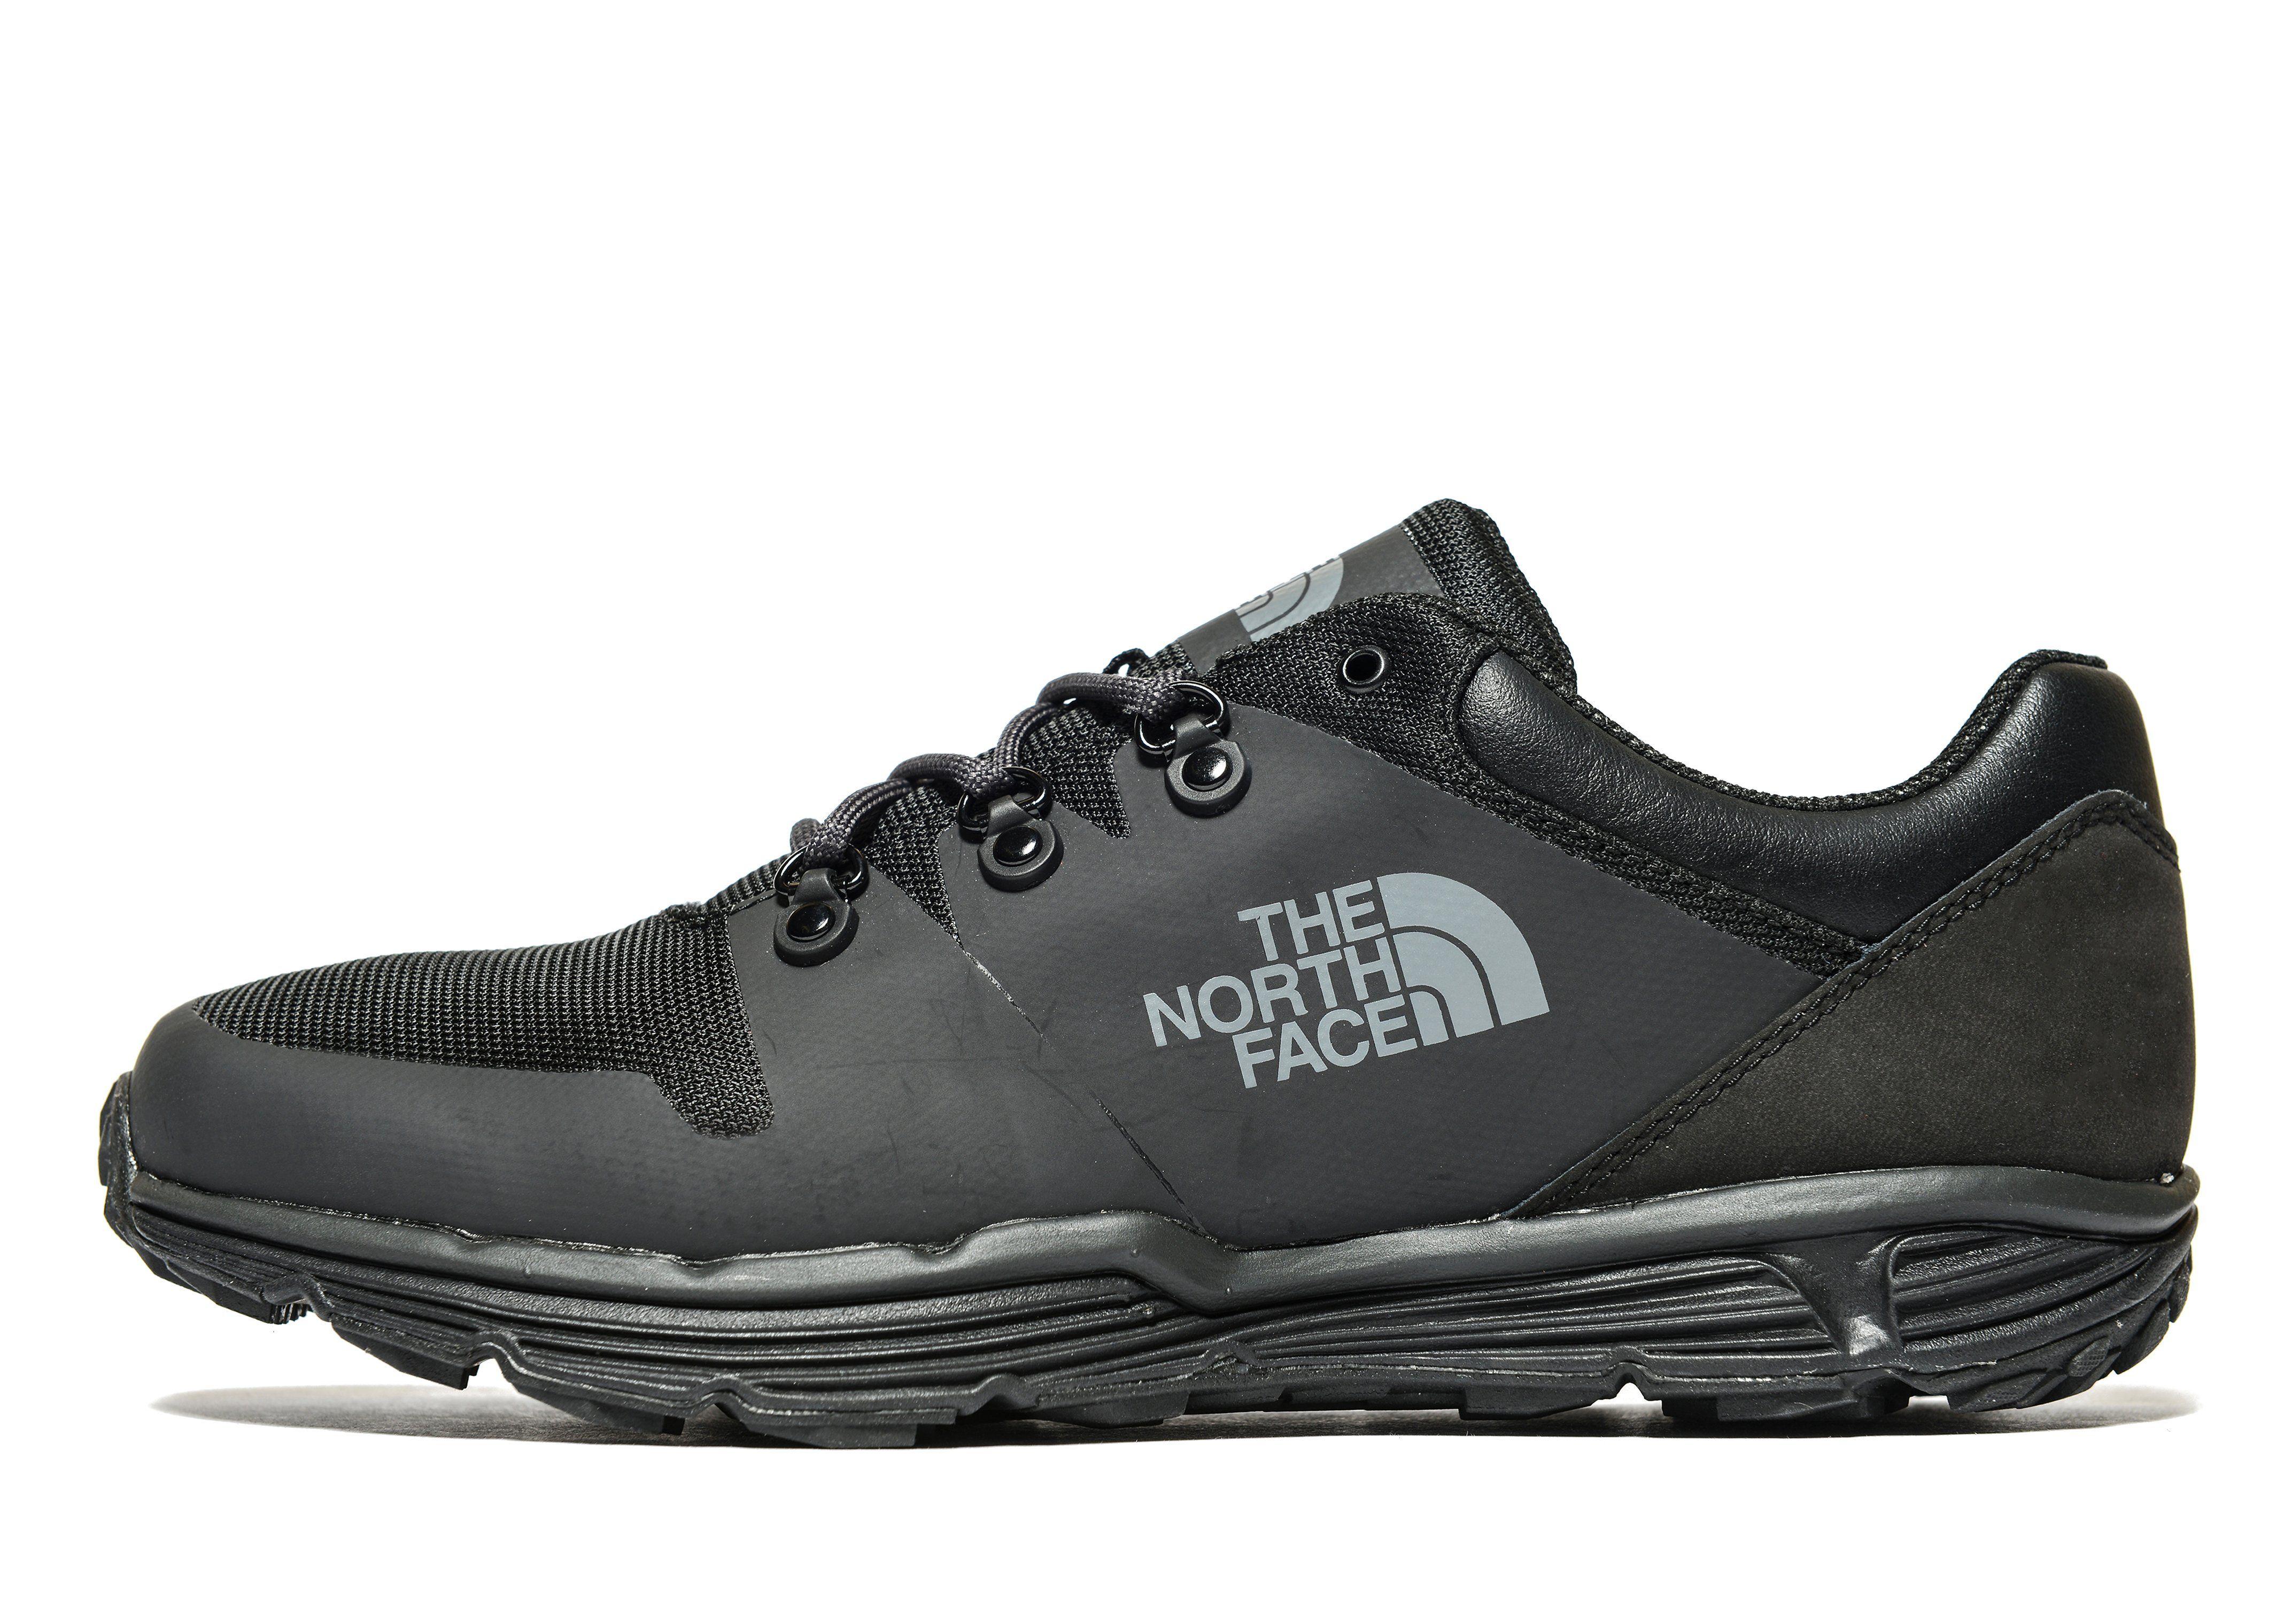 Les Chaussures Face Nord Pour Les Hommes oNiMOB